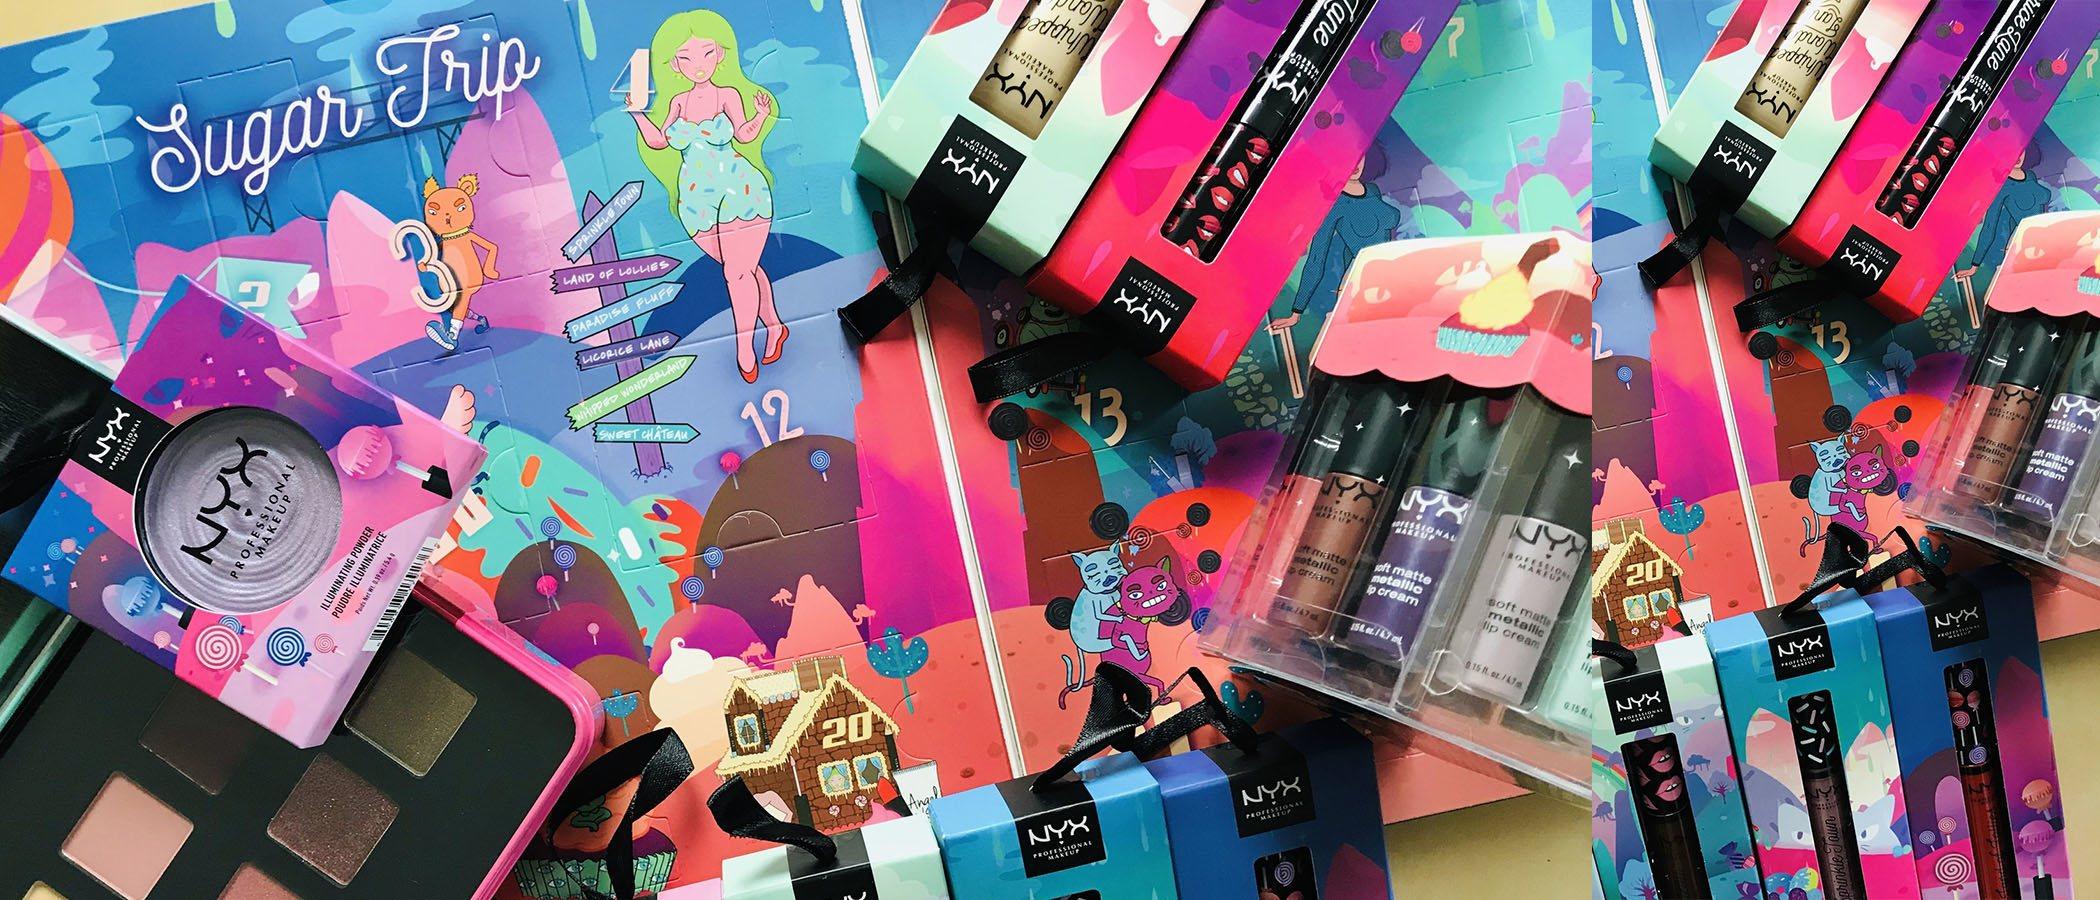 NYX lanza su nueva colección de Navidad más dulce con cinco líneas de maquillaje de lo más coloridas